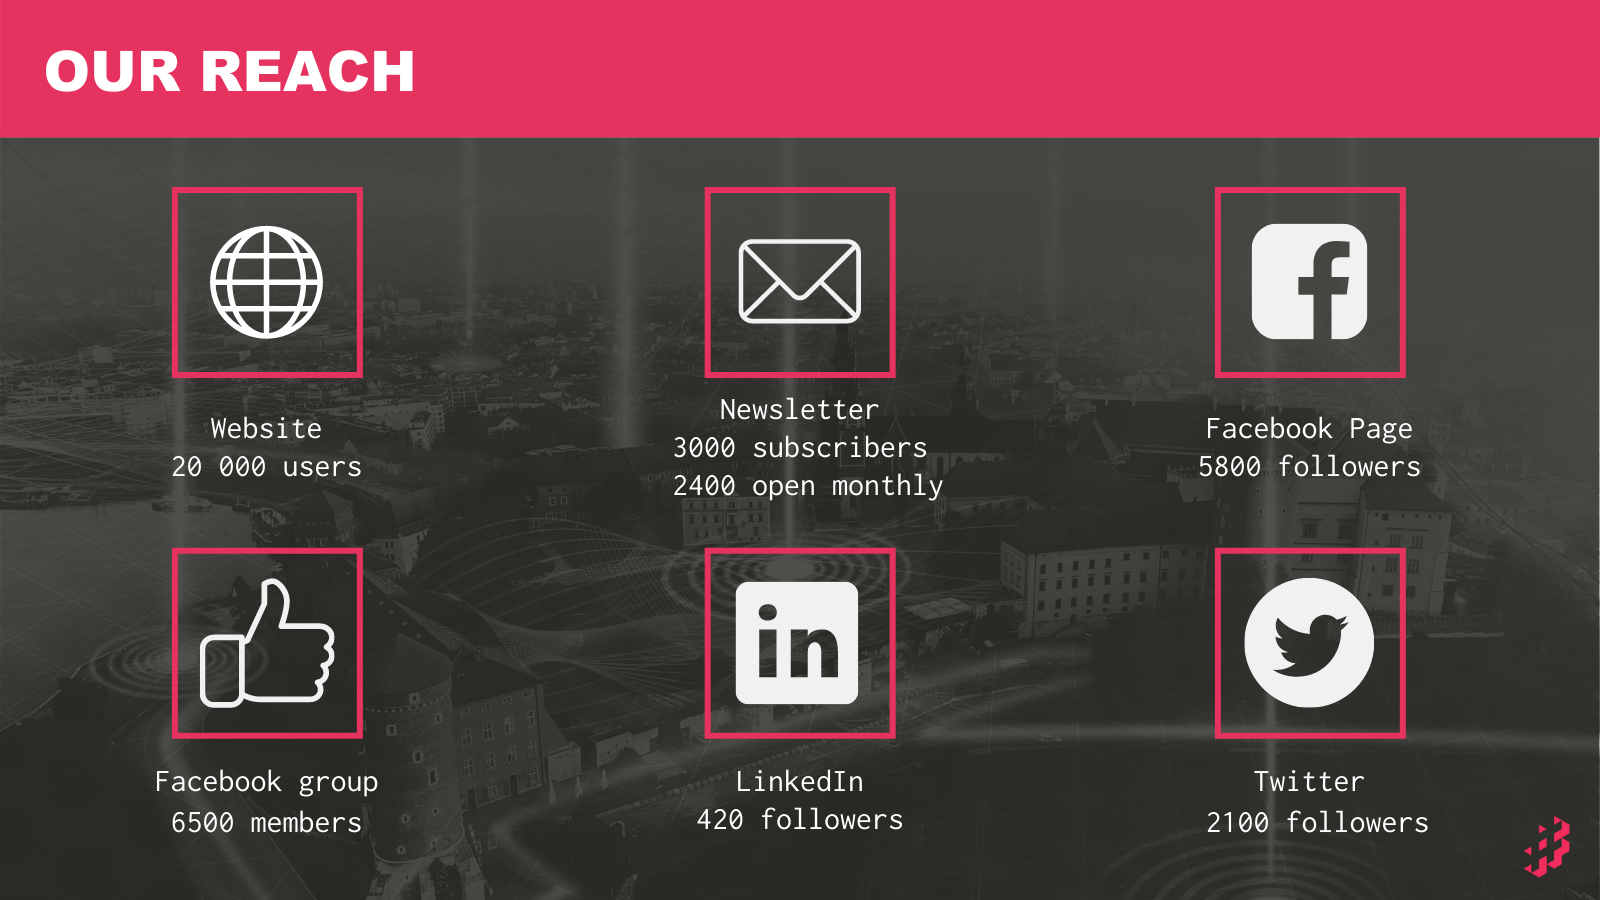 #OMGKRK Booster, #OMGKRK Booster: Rapid Marketing & PR Solutions